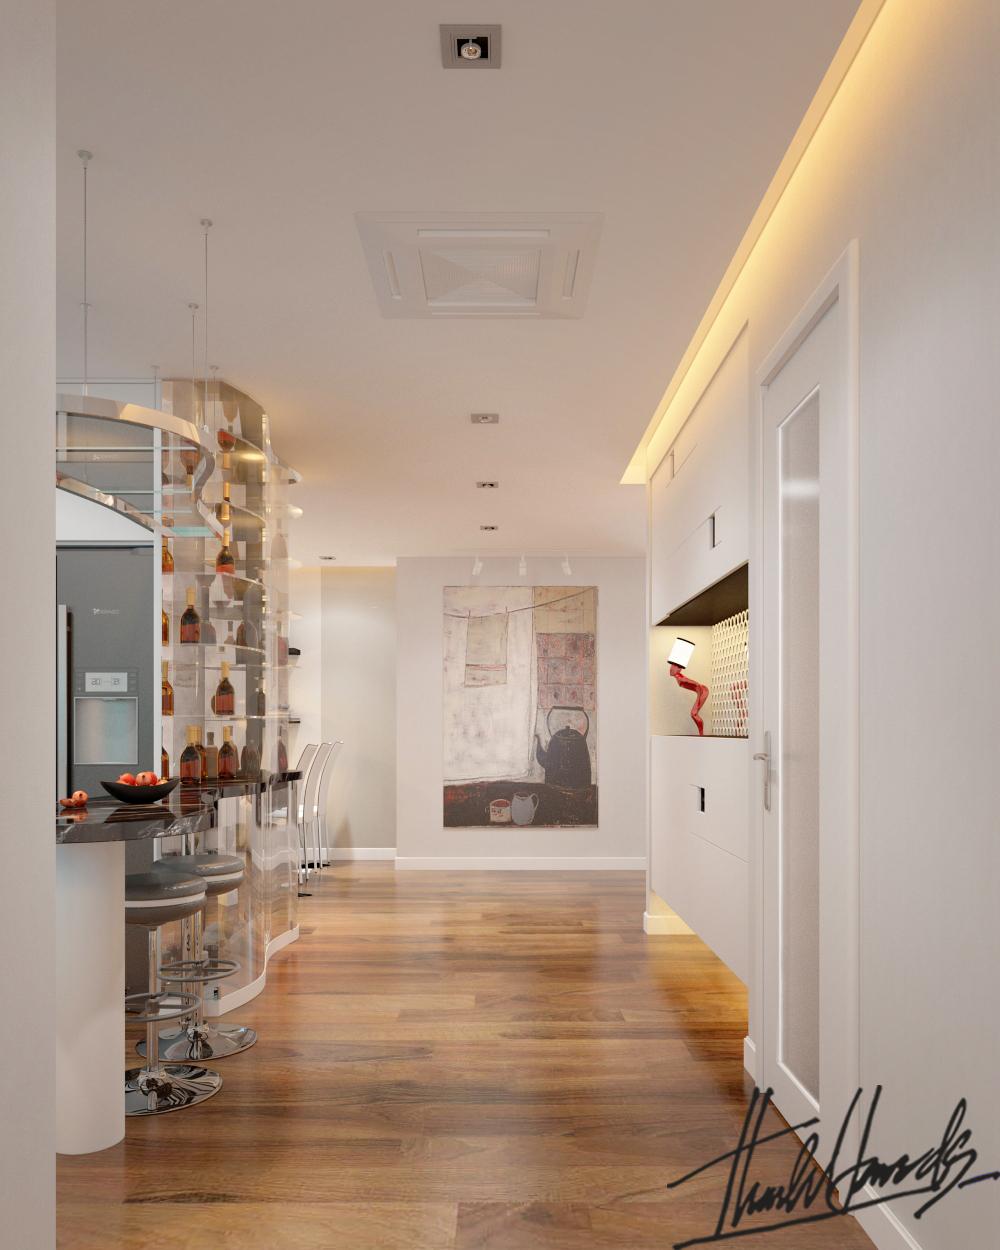 thiết kế nội thất chung cư tại Hà Nội Chung Cư Diamond Flower 0 1568274024